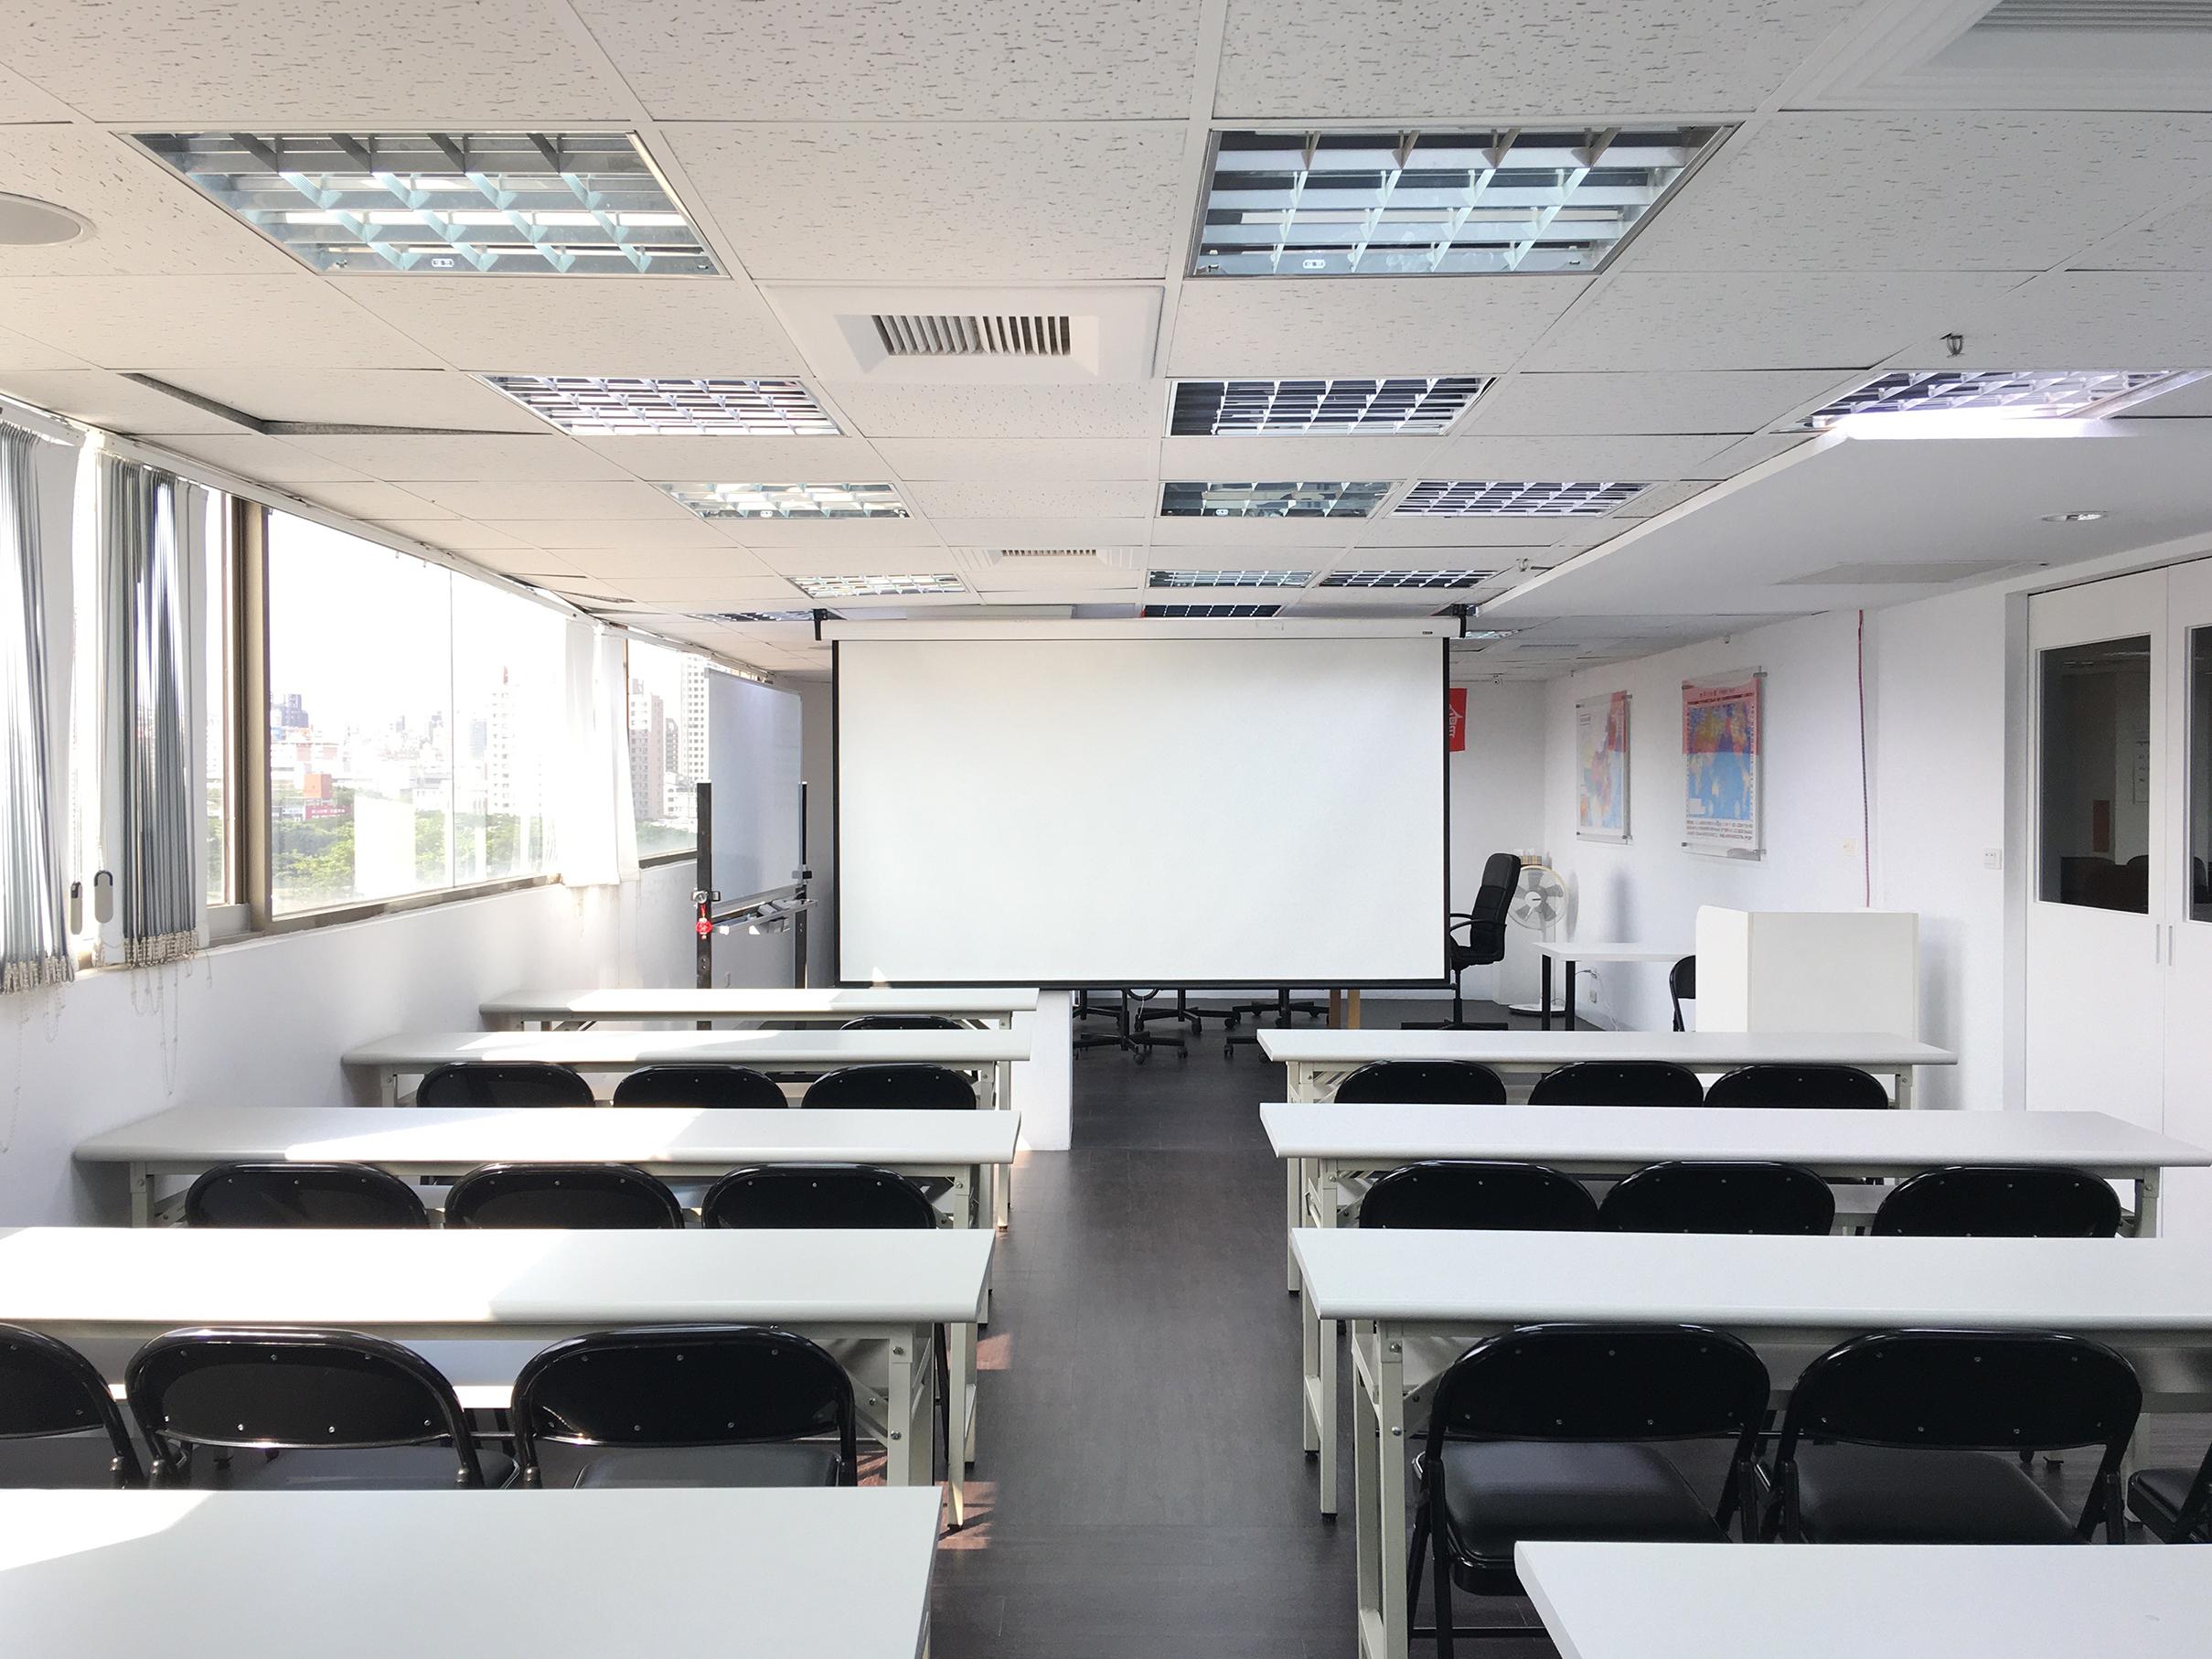 教室/會議室 空間出租